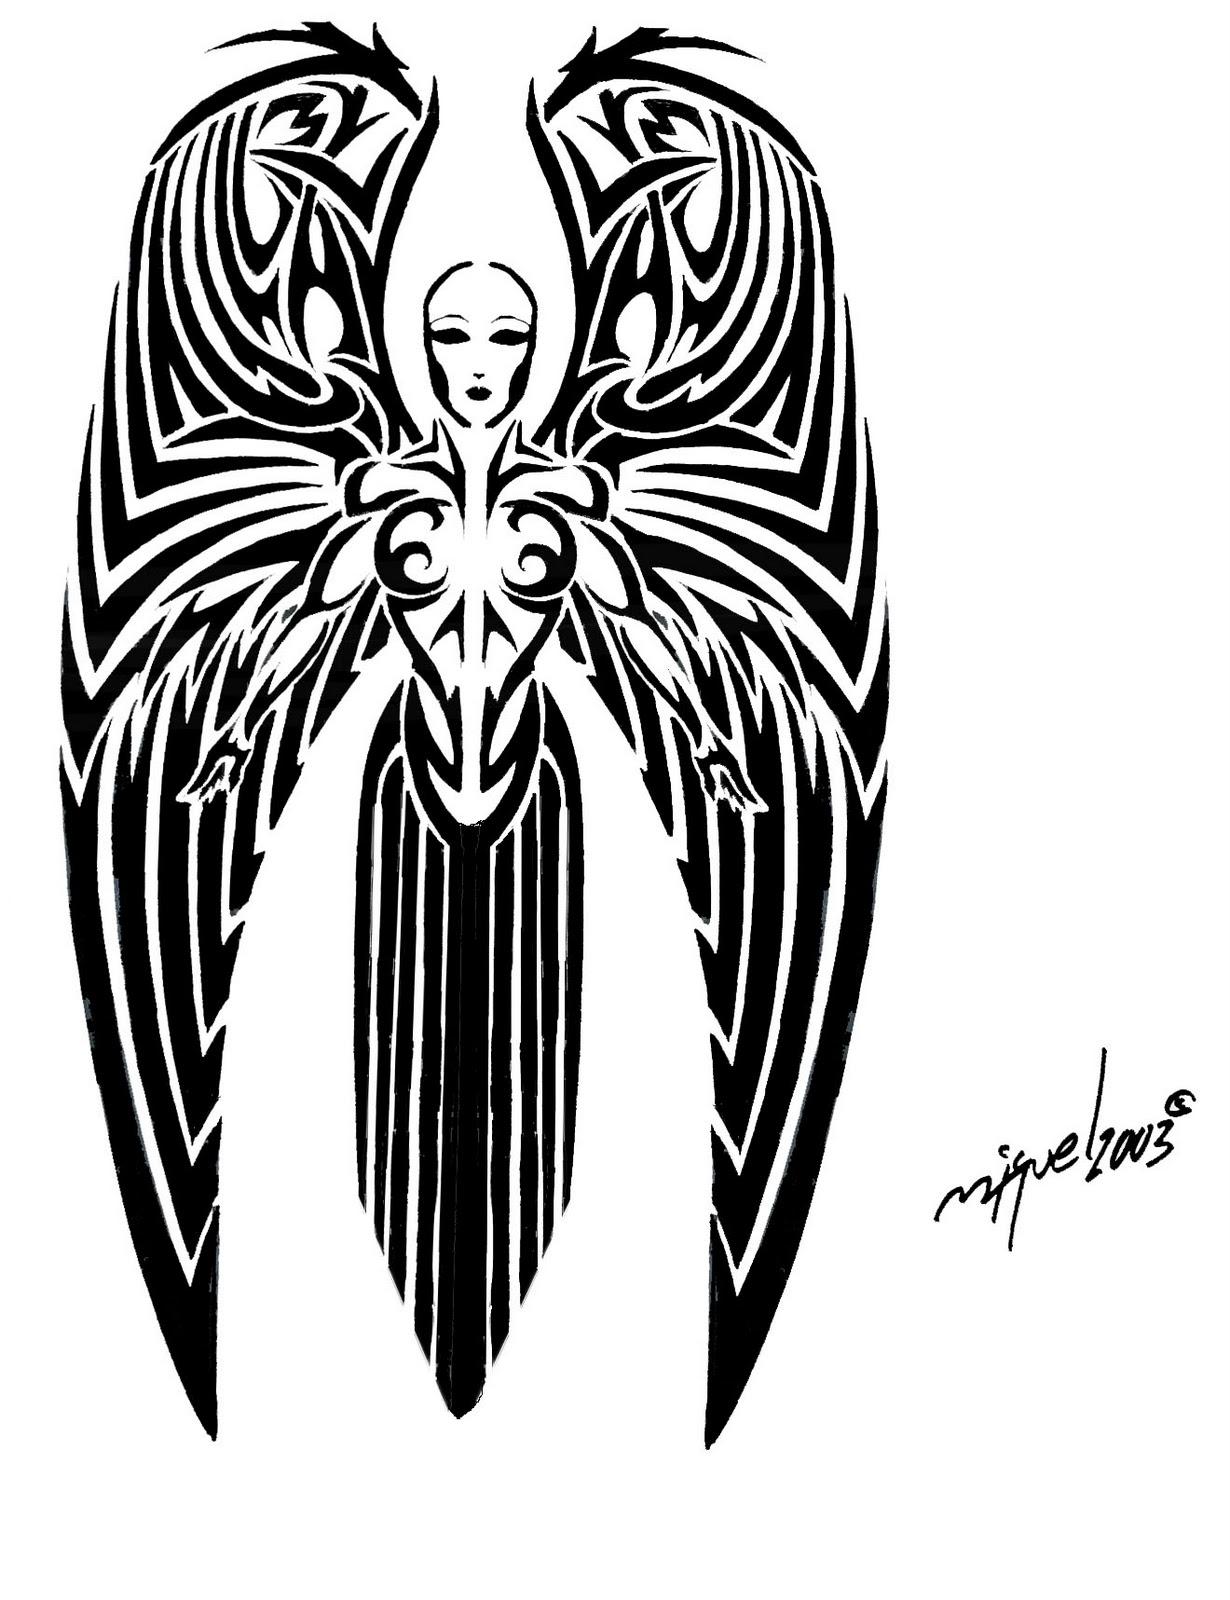 Tribal-Tattoos Angel+Tattoo+Girl+photo+2012%252Cfree-tribaltattoo